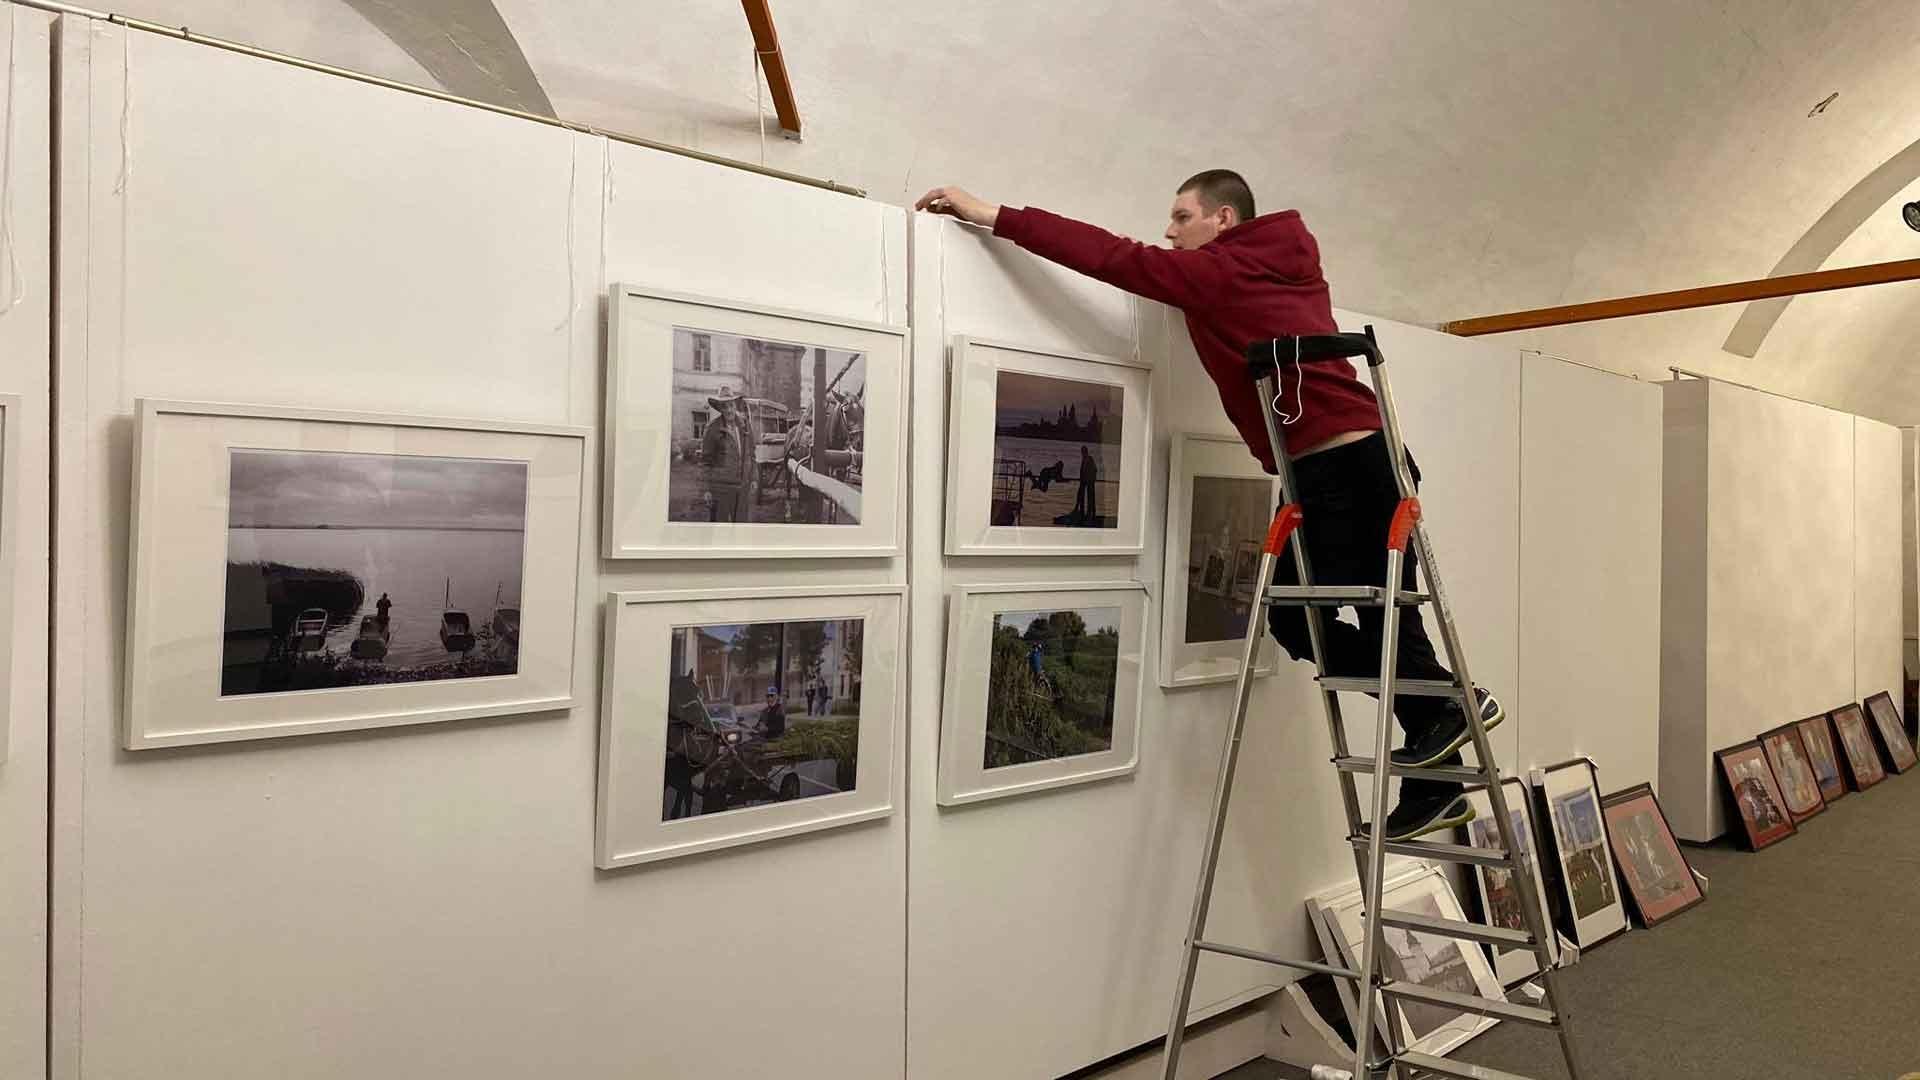 В музее-заповеднике «Ростовский кремль» открывается фотовыставка «Ростов: люди и город»